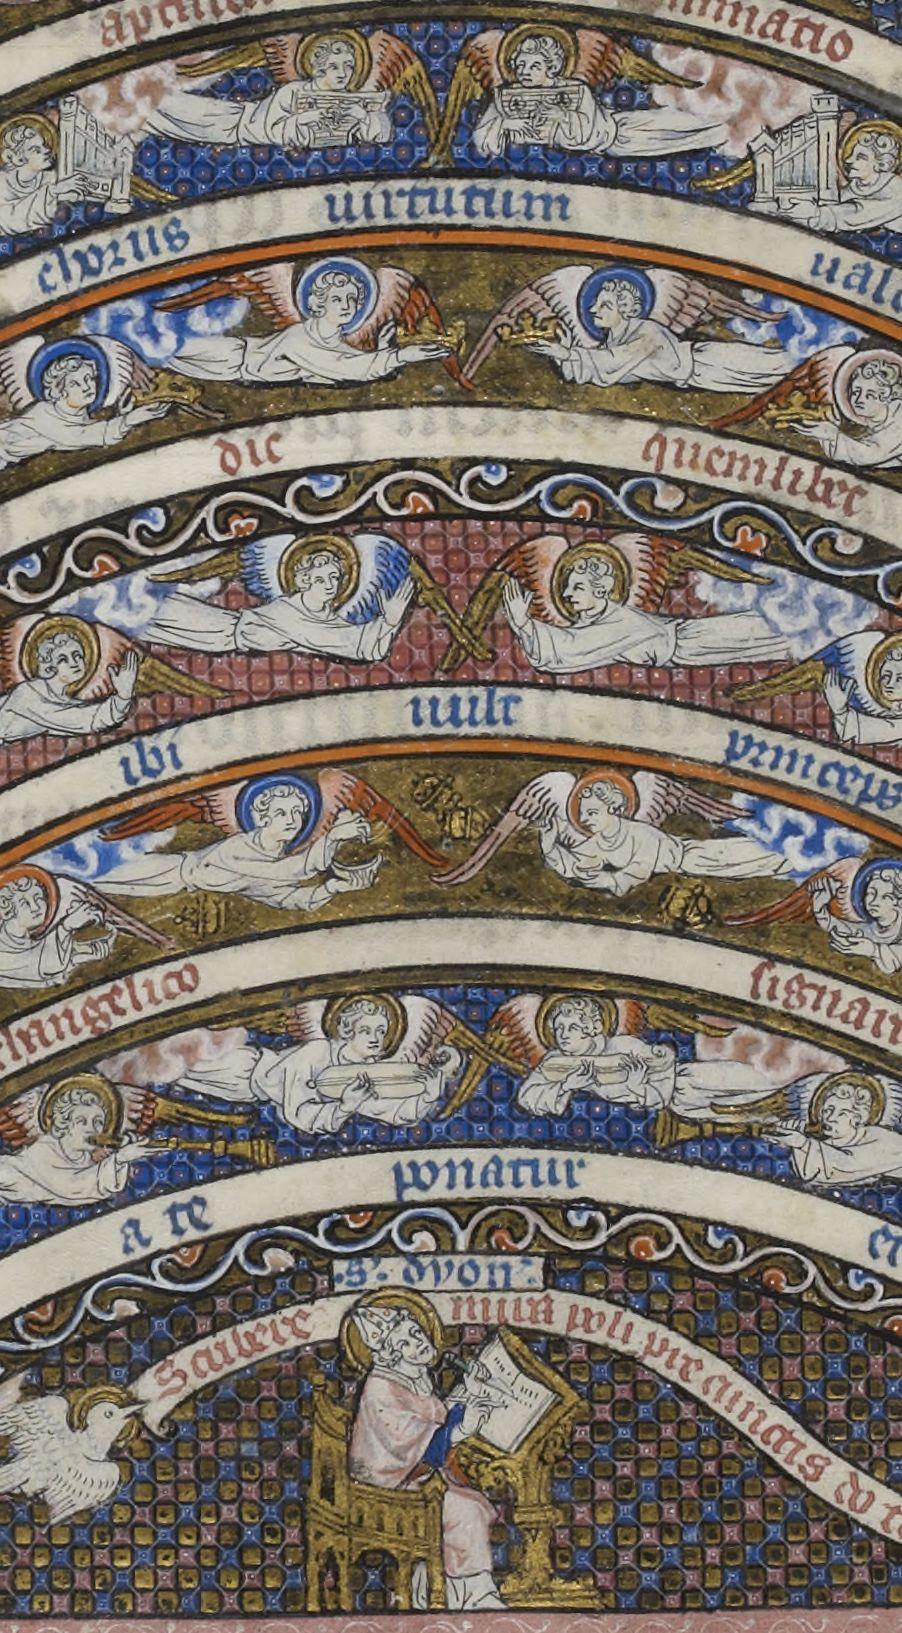 Dionysius 7